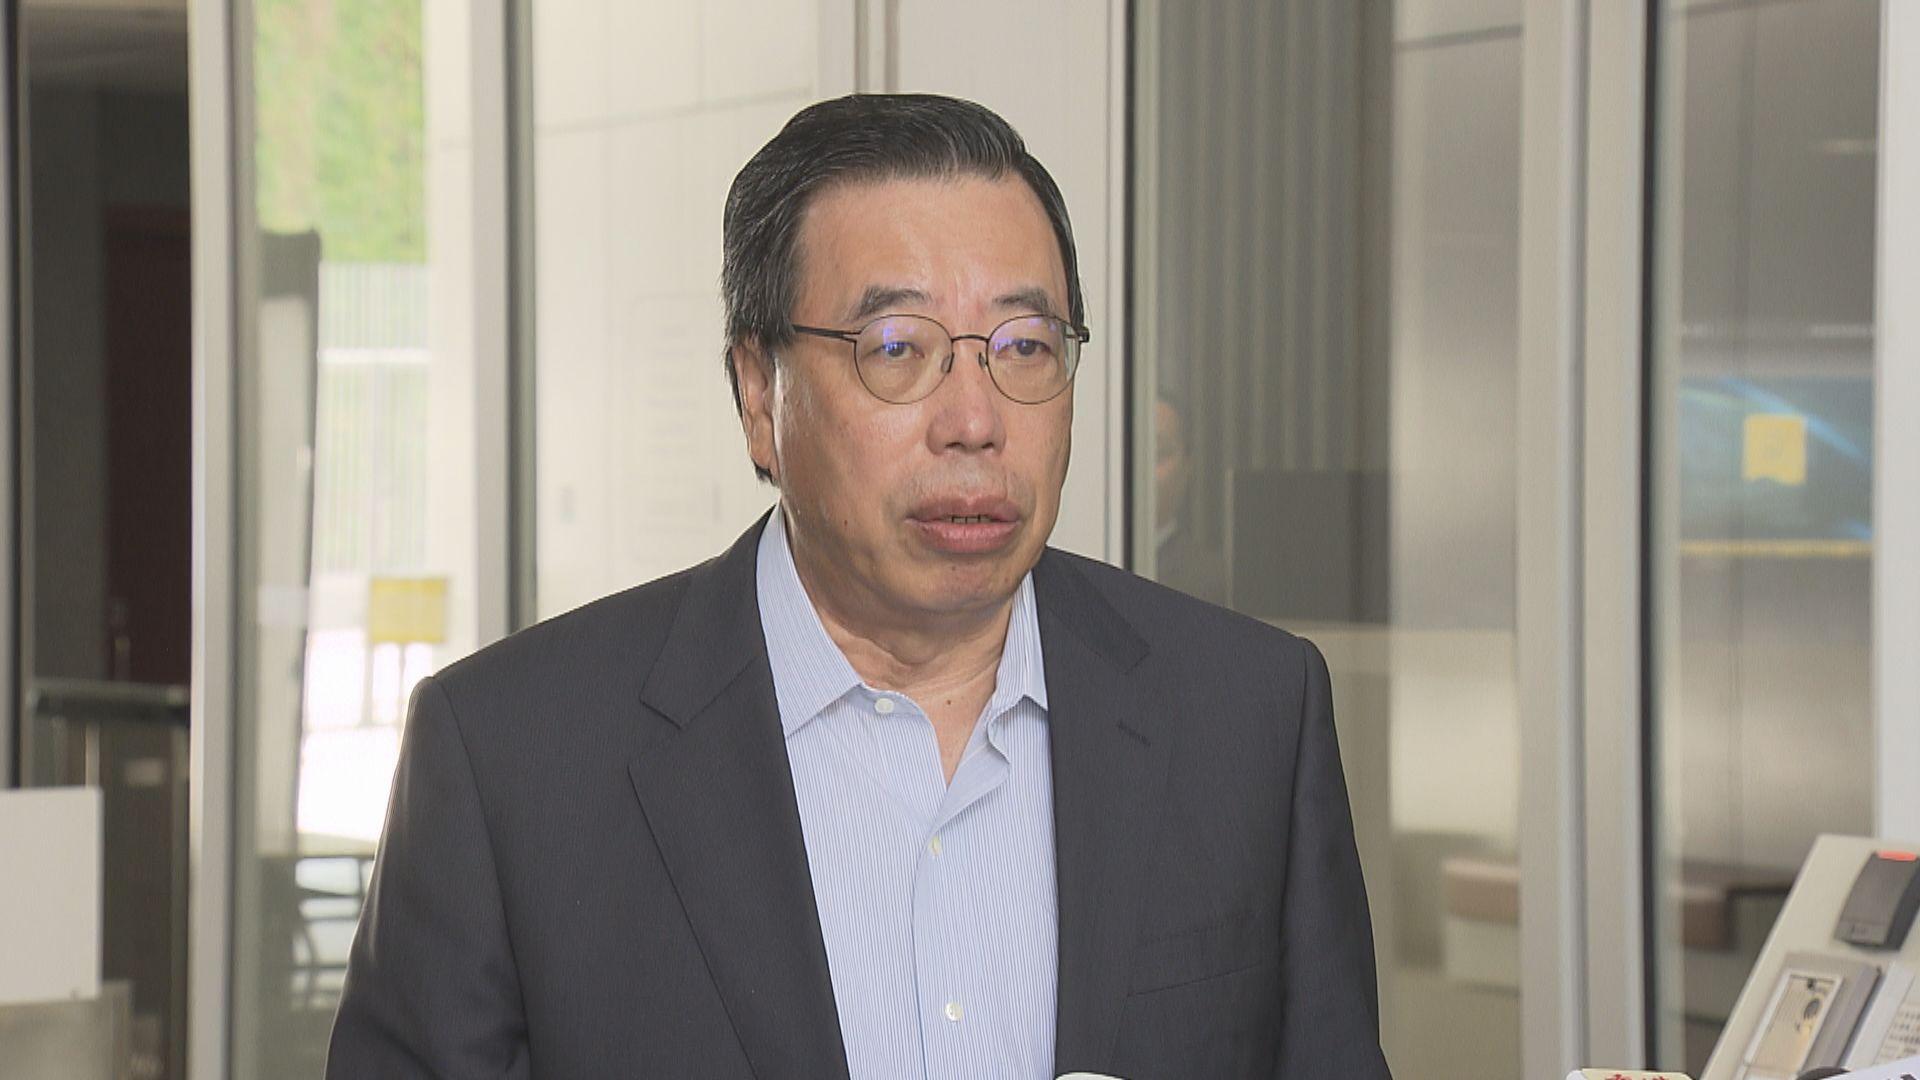 內會未選出主席 梁君彥:深感失望及遺憾